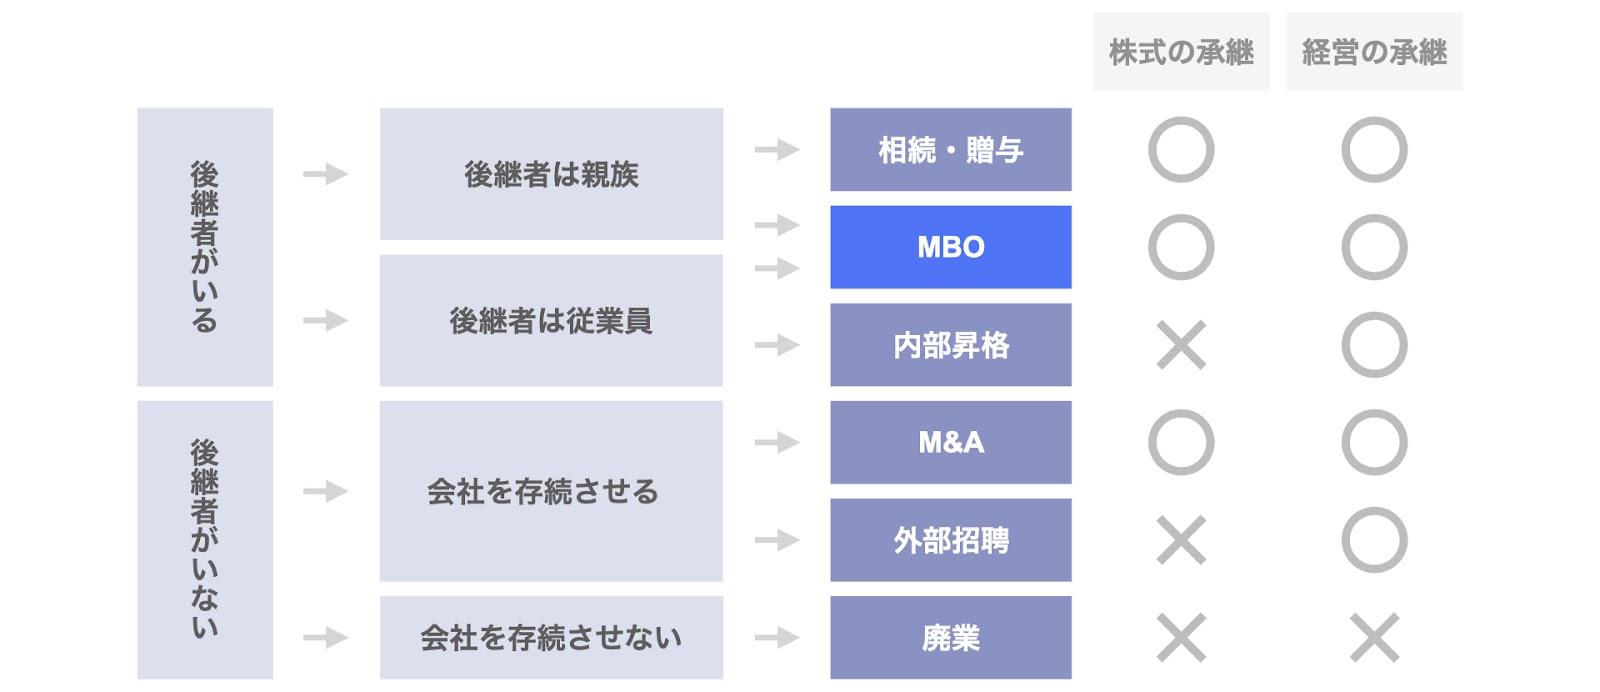 事業承継手法の全体像における位置付け